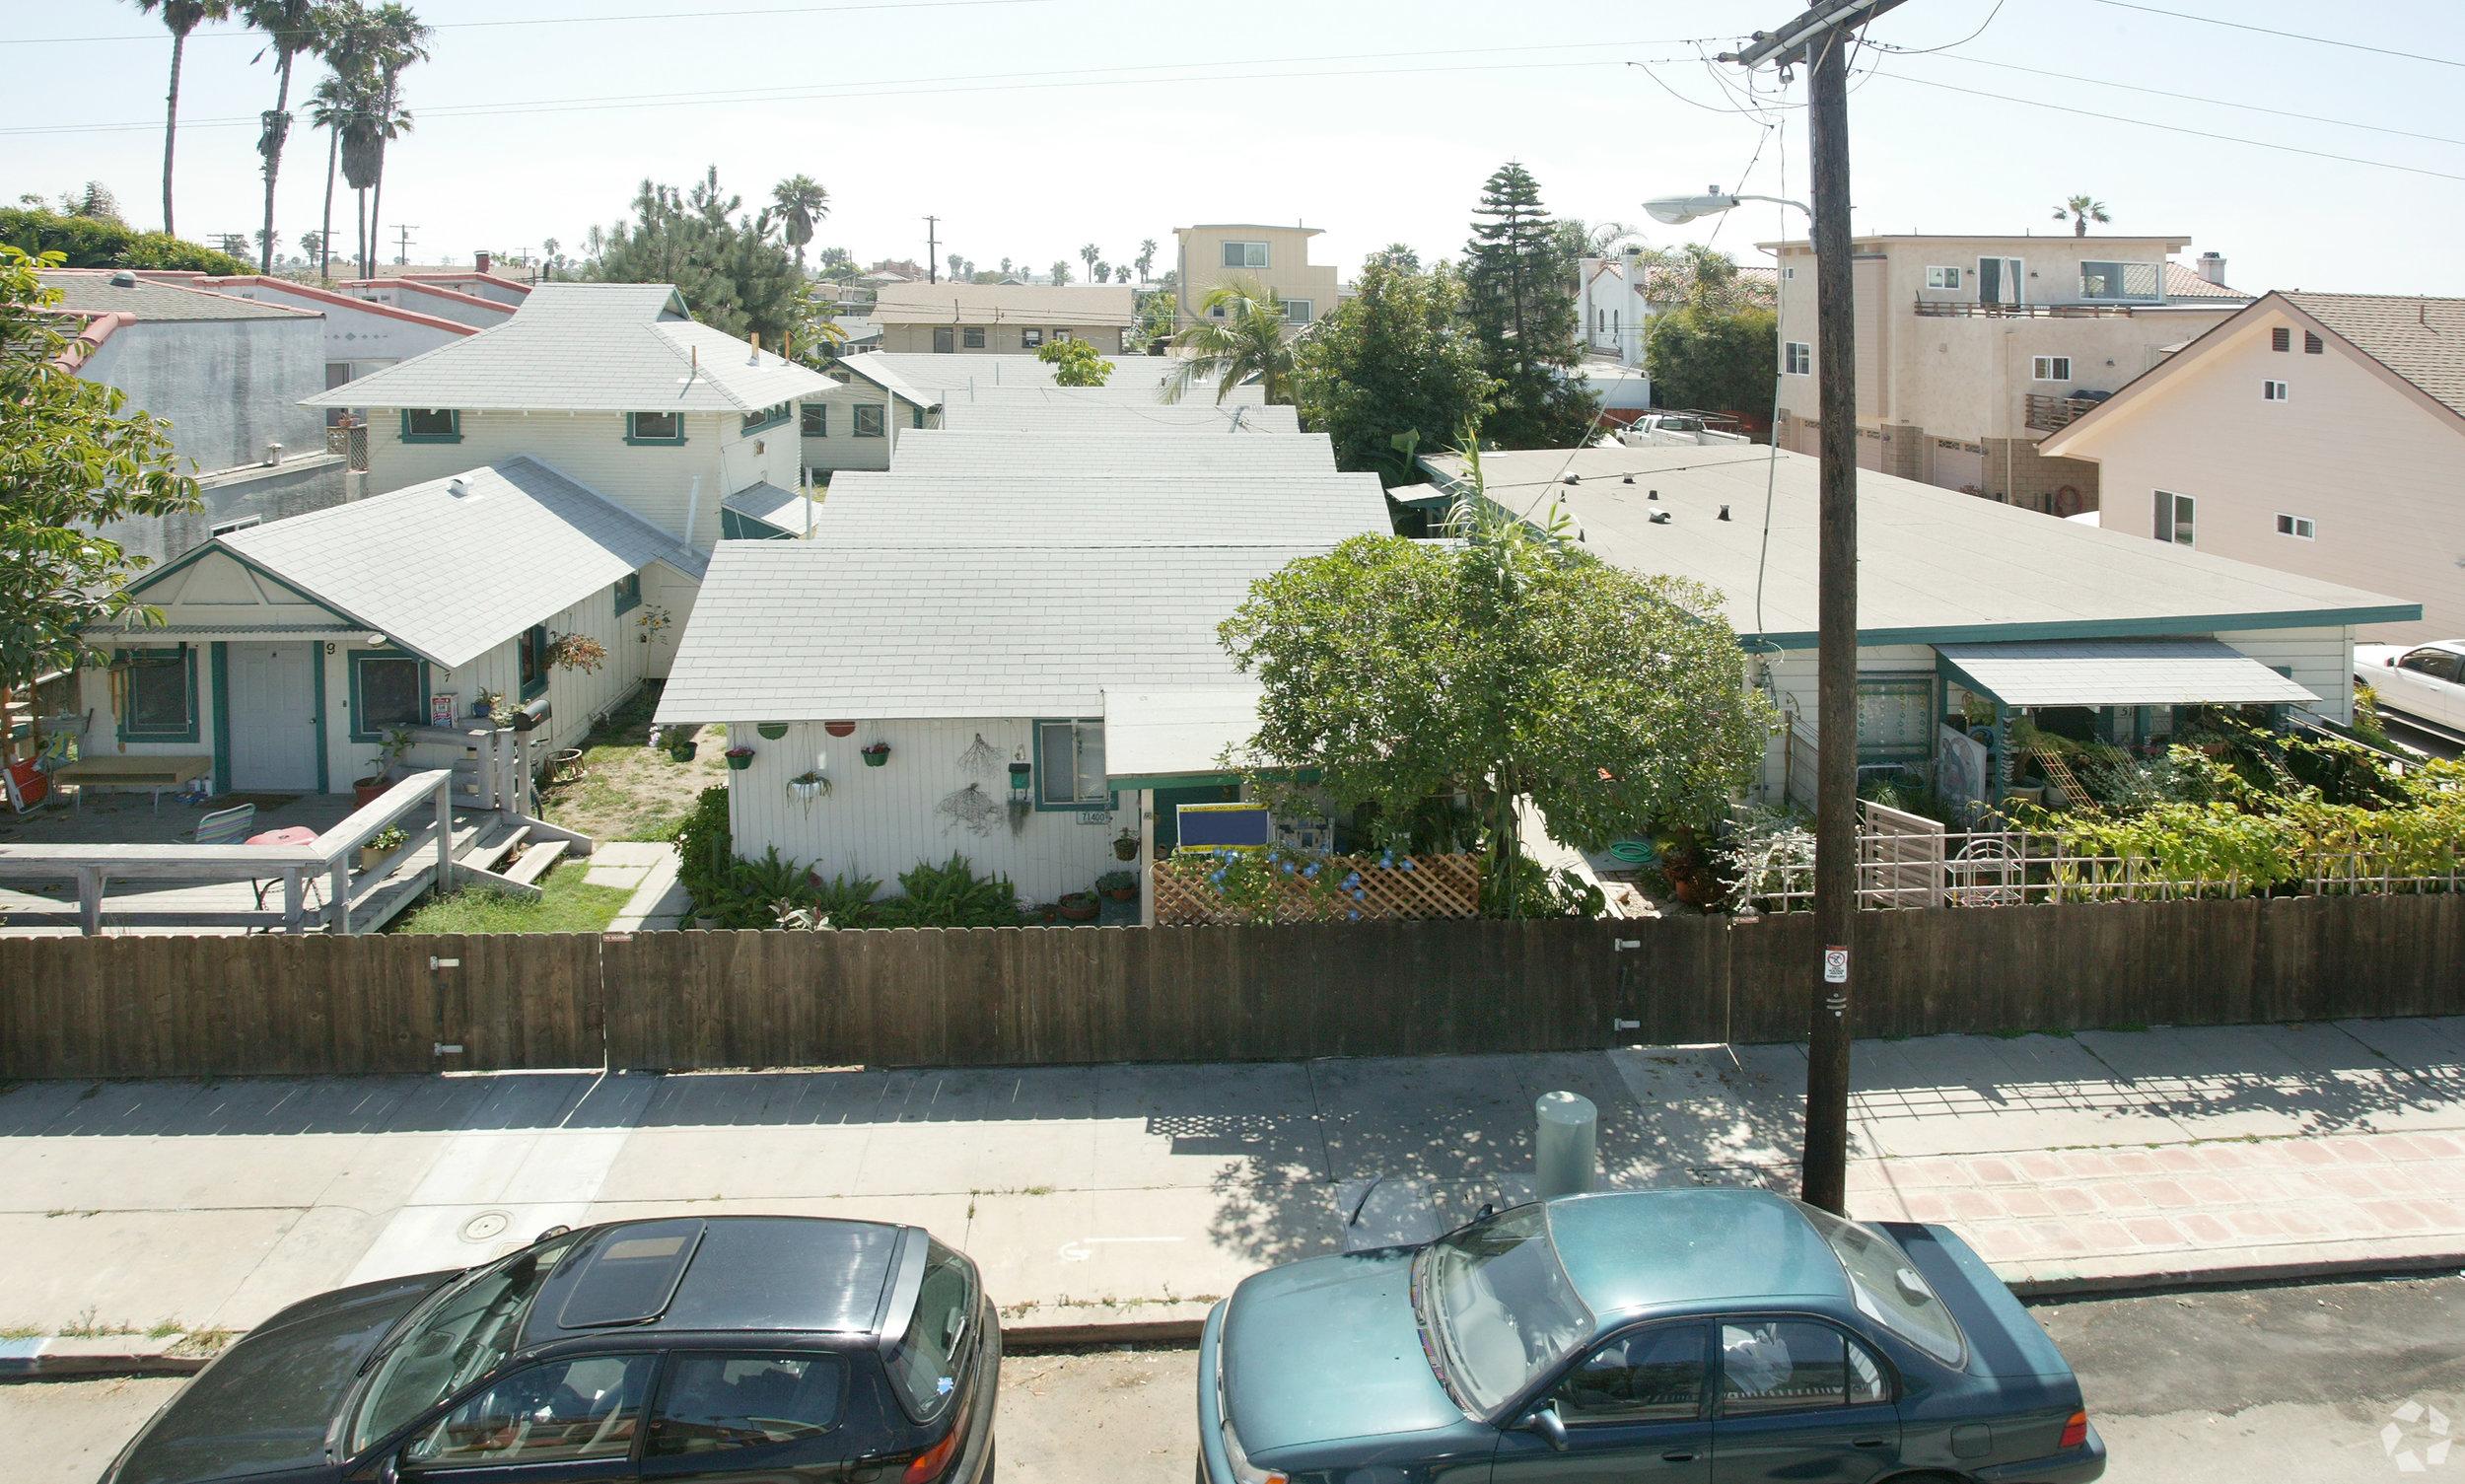 5137 Muir Avenue - Ocean Beach9 Units$1,325,000